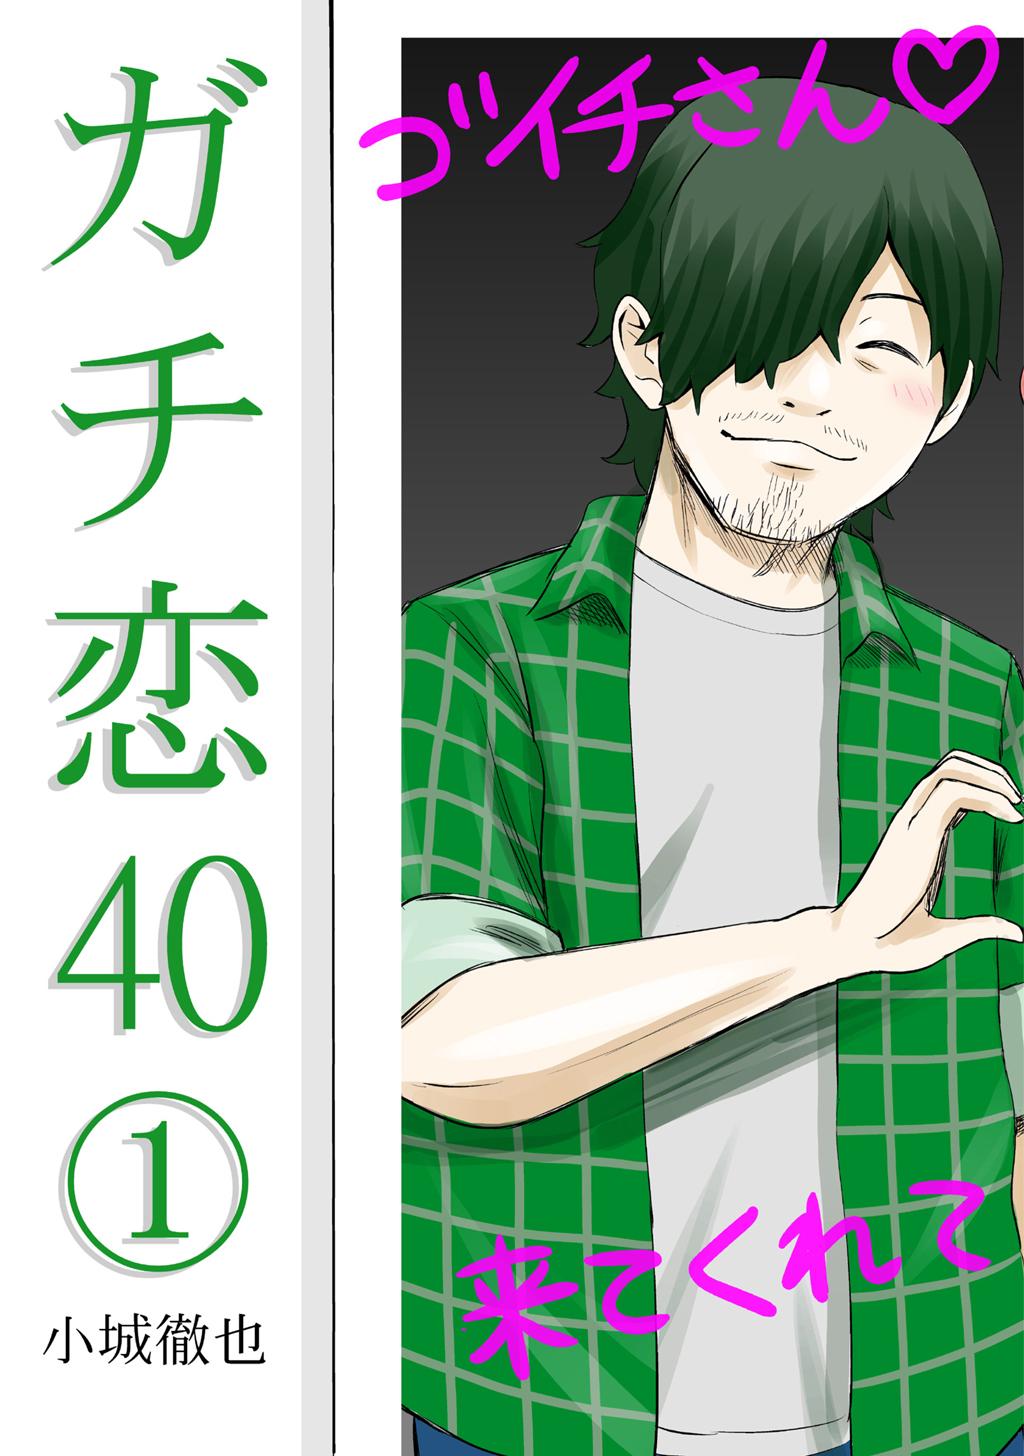 ガチ恋40(第1巻)